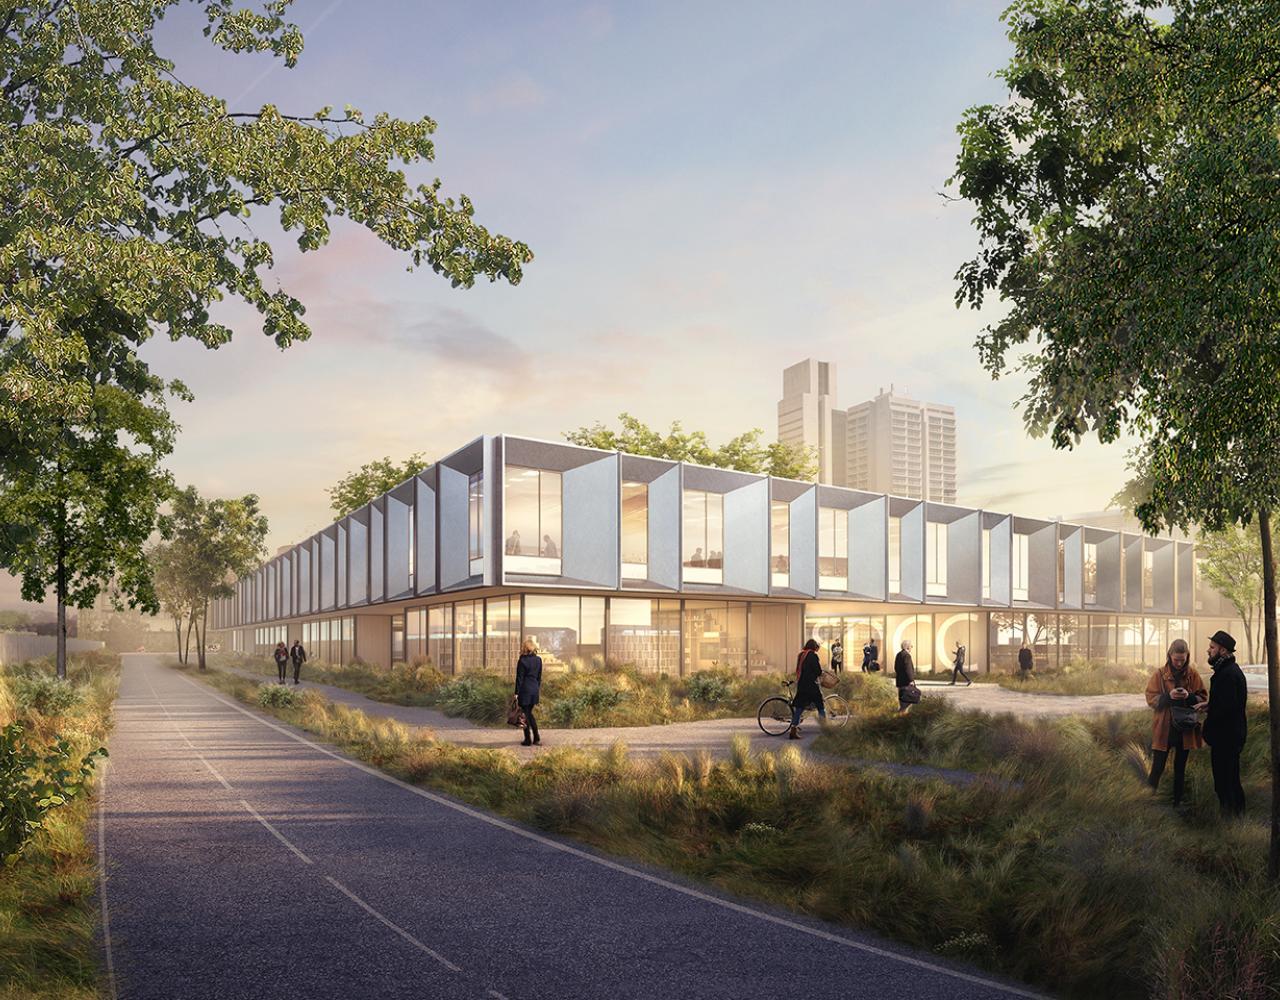 steno diabetescenter arkitektur